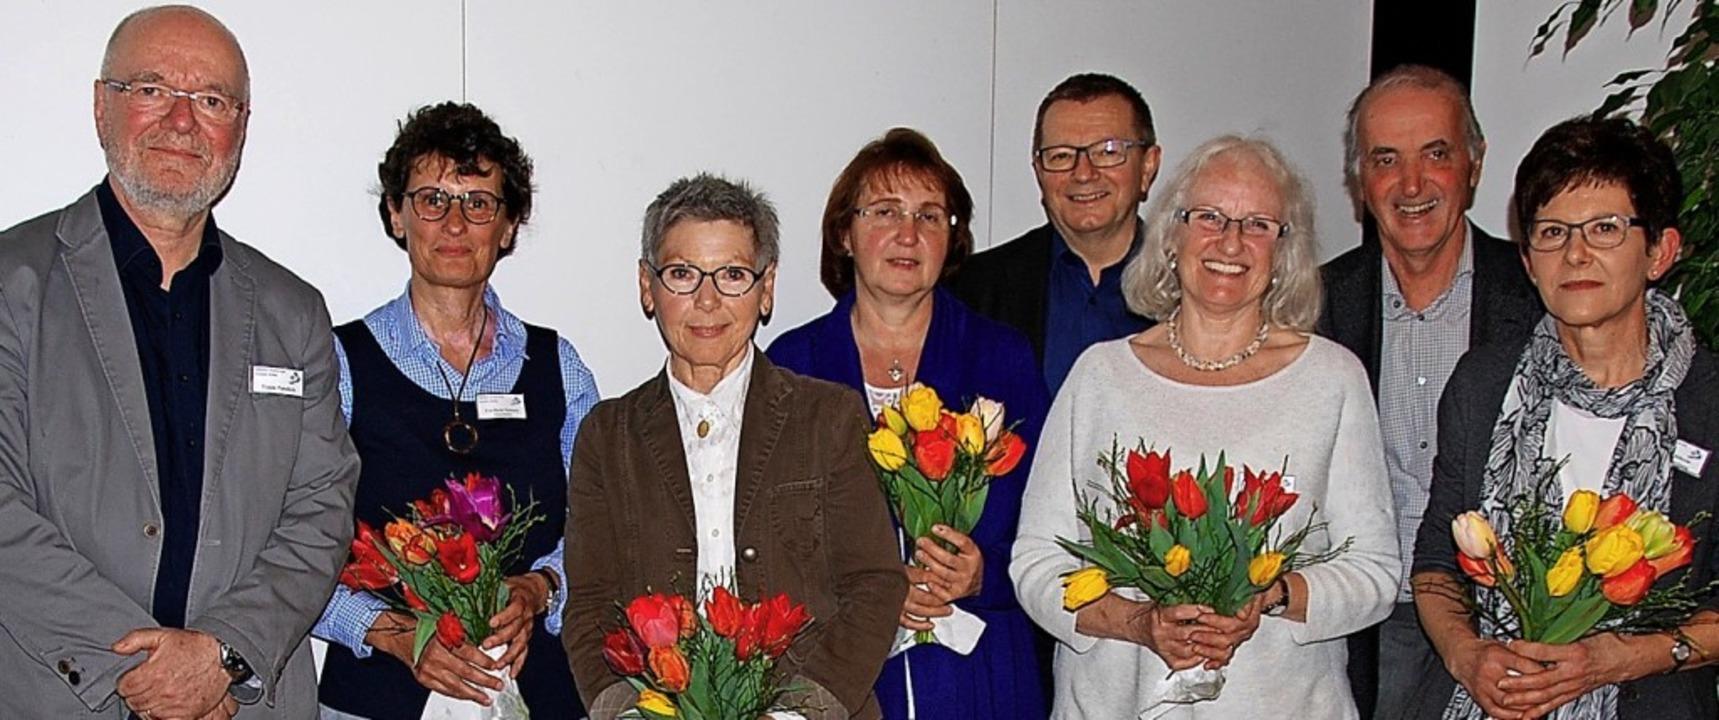 Neuer Vorstand der Ambulanten Hospizgr...ck, Wolfgang Gottschalk, Silvia Böheim  | Foto: Hospizgruppe